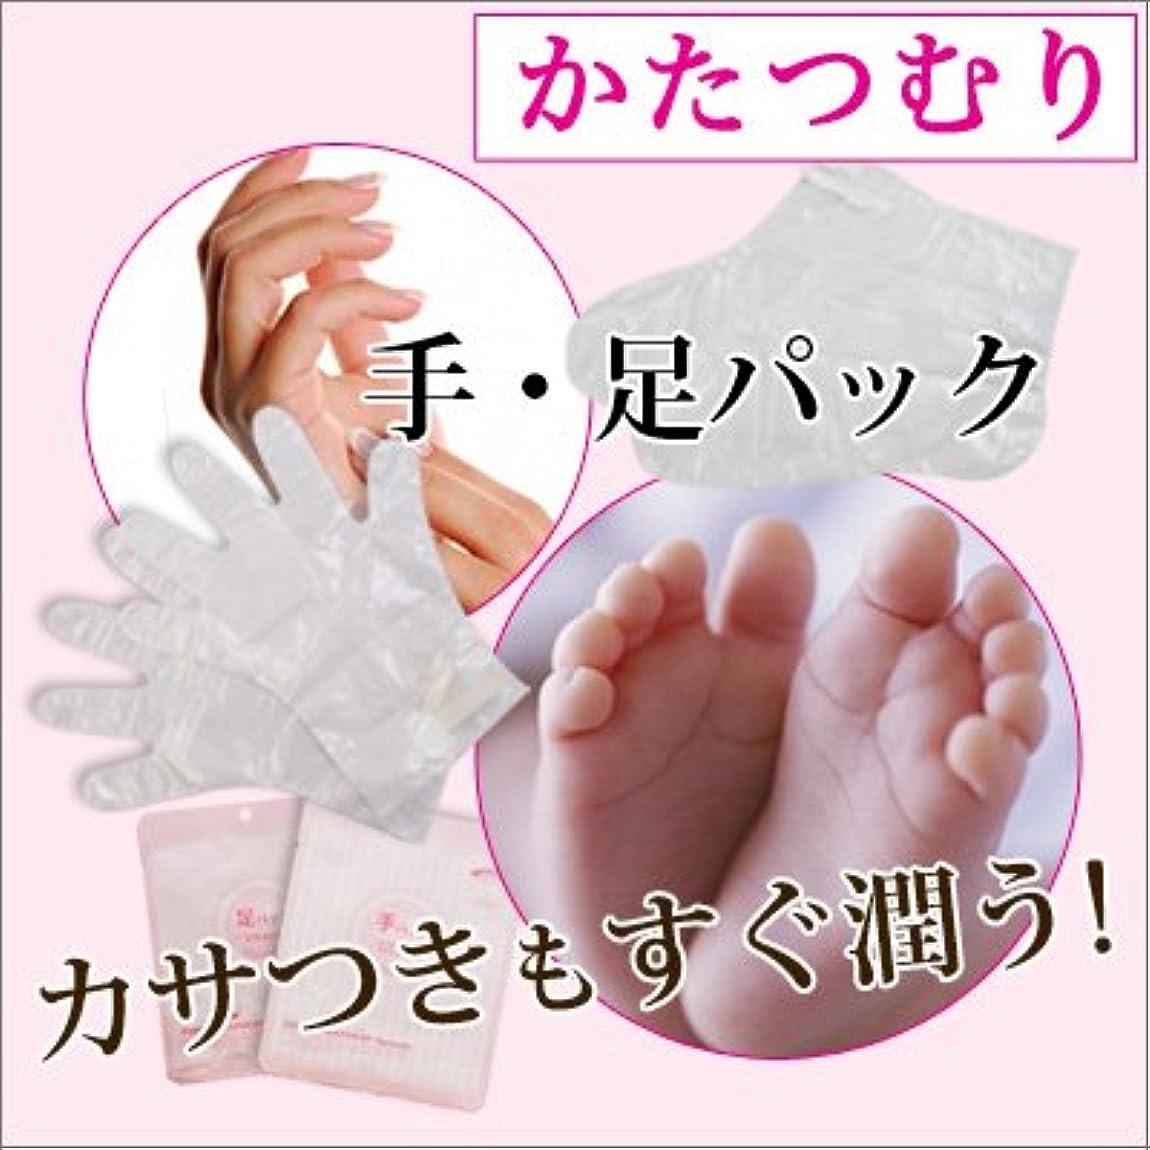 スペル実行する独裁【かたつむり モイスト フット&ハンド パック 2種類×5枚】